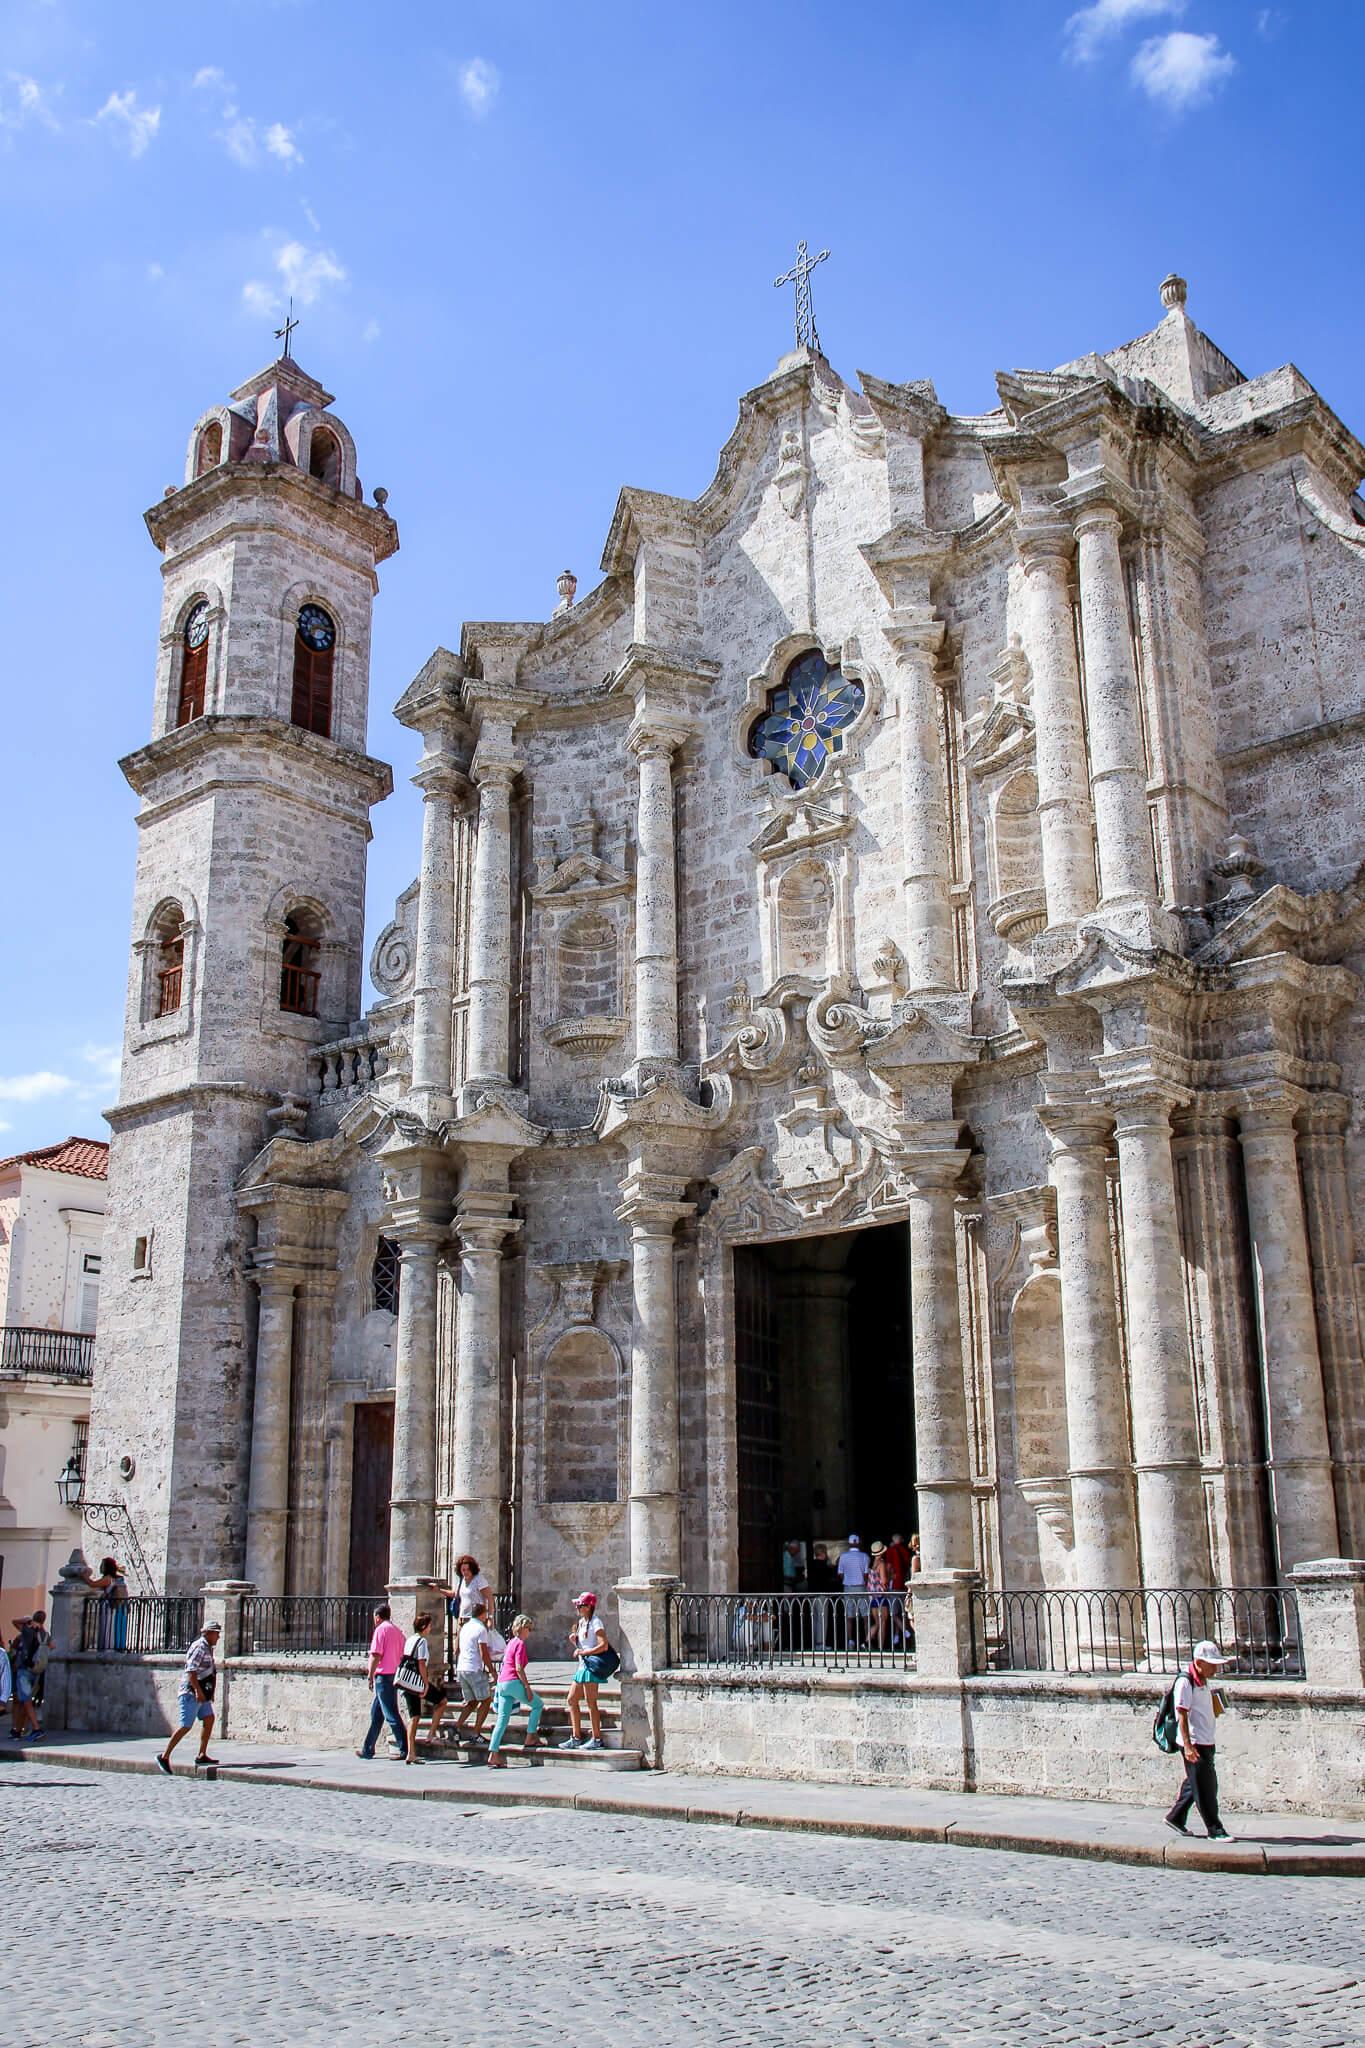 Kuba Havanna Cuba La Habana Vieja Malecon Calle Obispo Capitolio Kapitol Plaza de Armas La Catedral de la Virgen María de la Concepción Inmaculada de La Habana tantedine